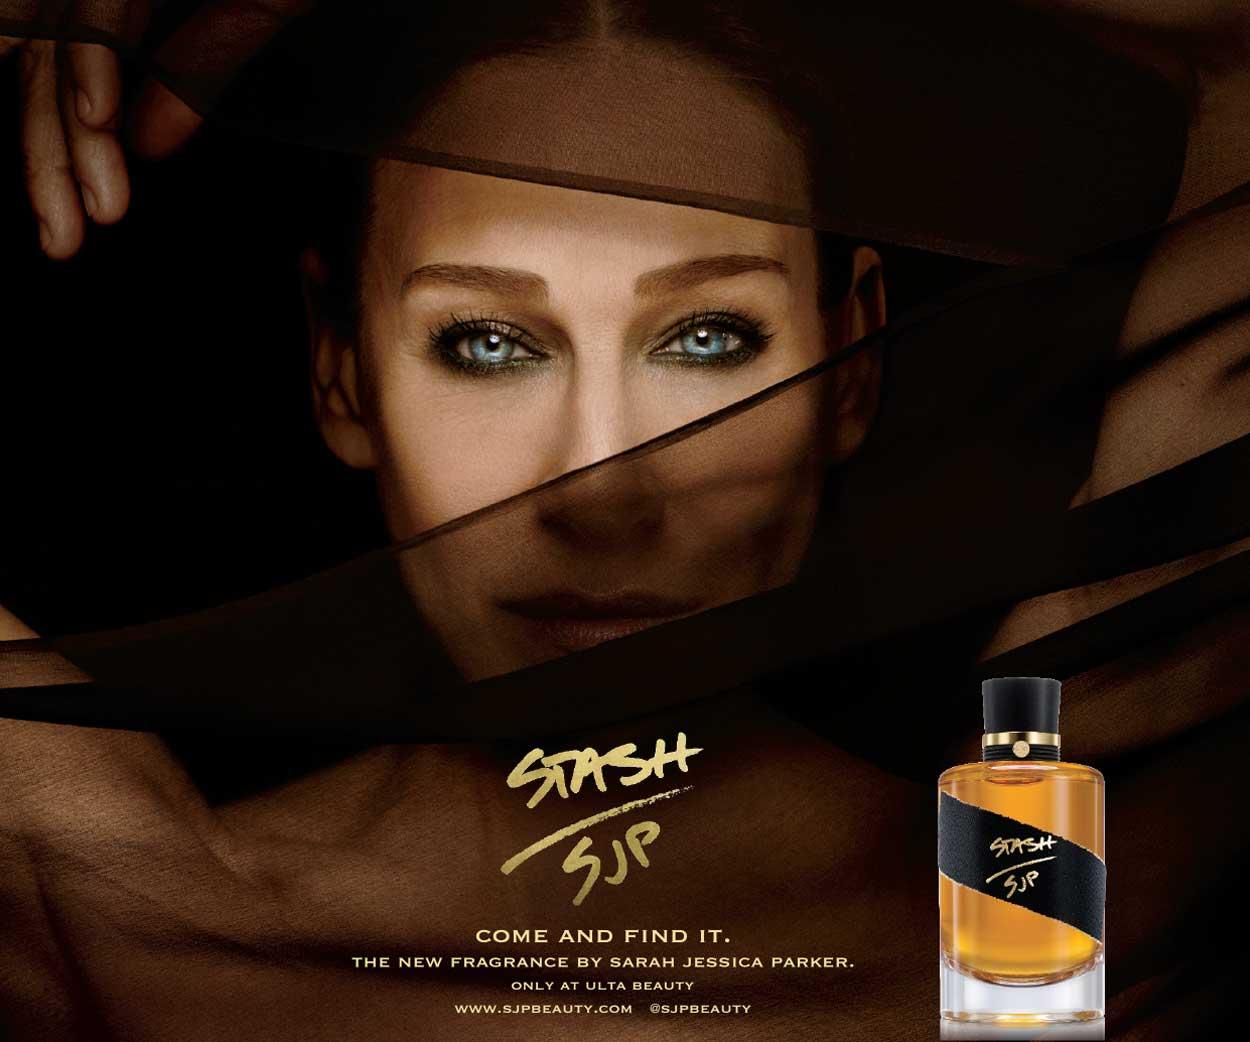 Изысканный соблазн: Сара Джессика Паркер блистает в новой рекламе парфюма